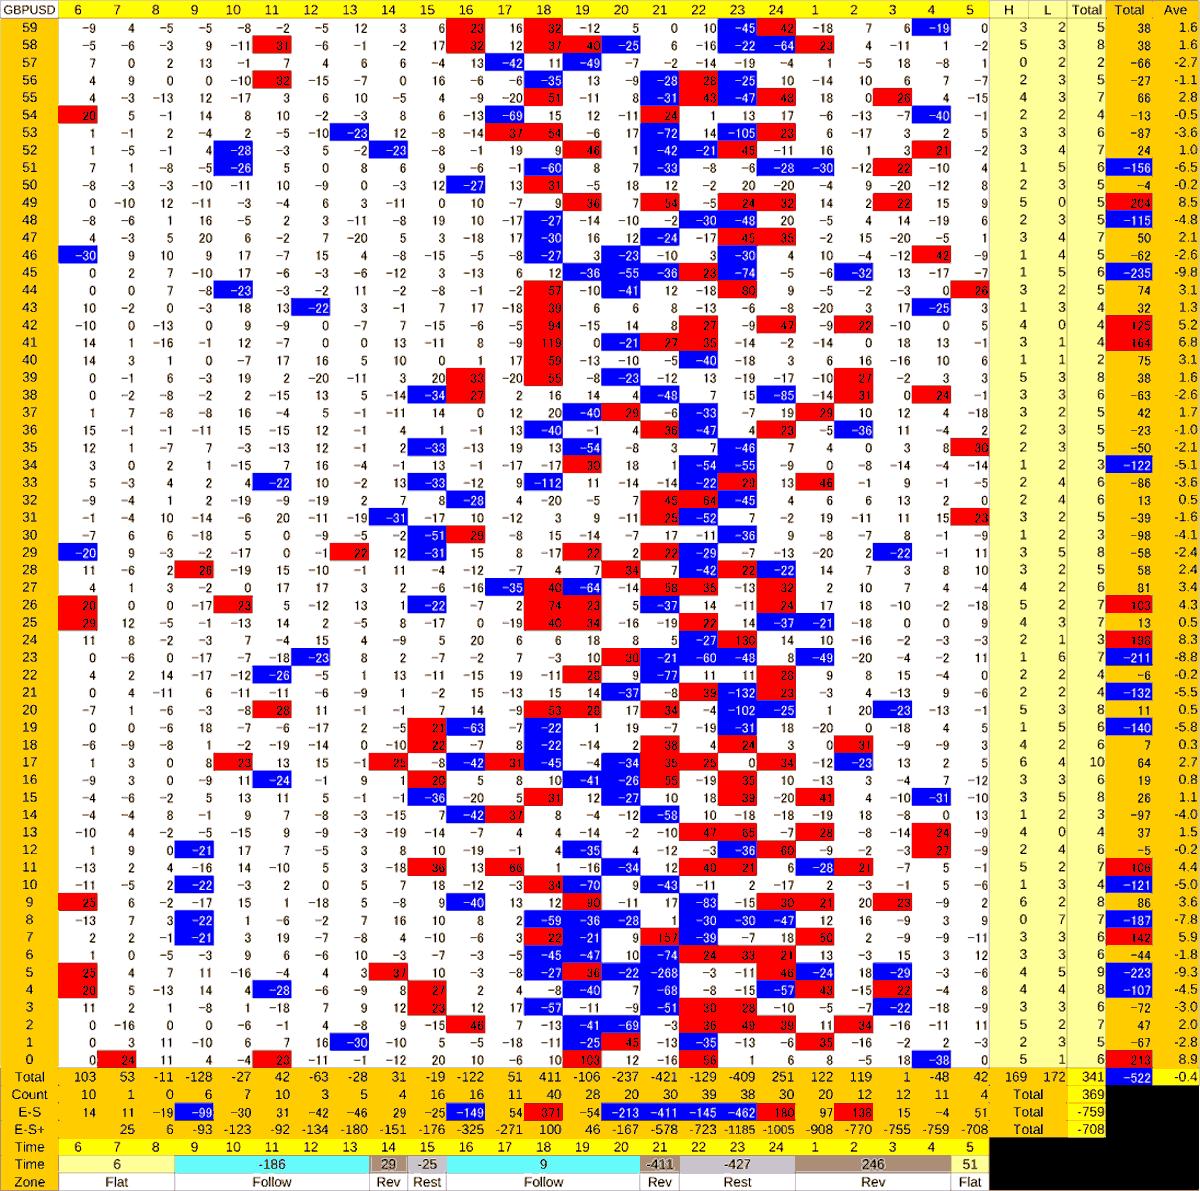 20200527_HS(2)GBPUSD